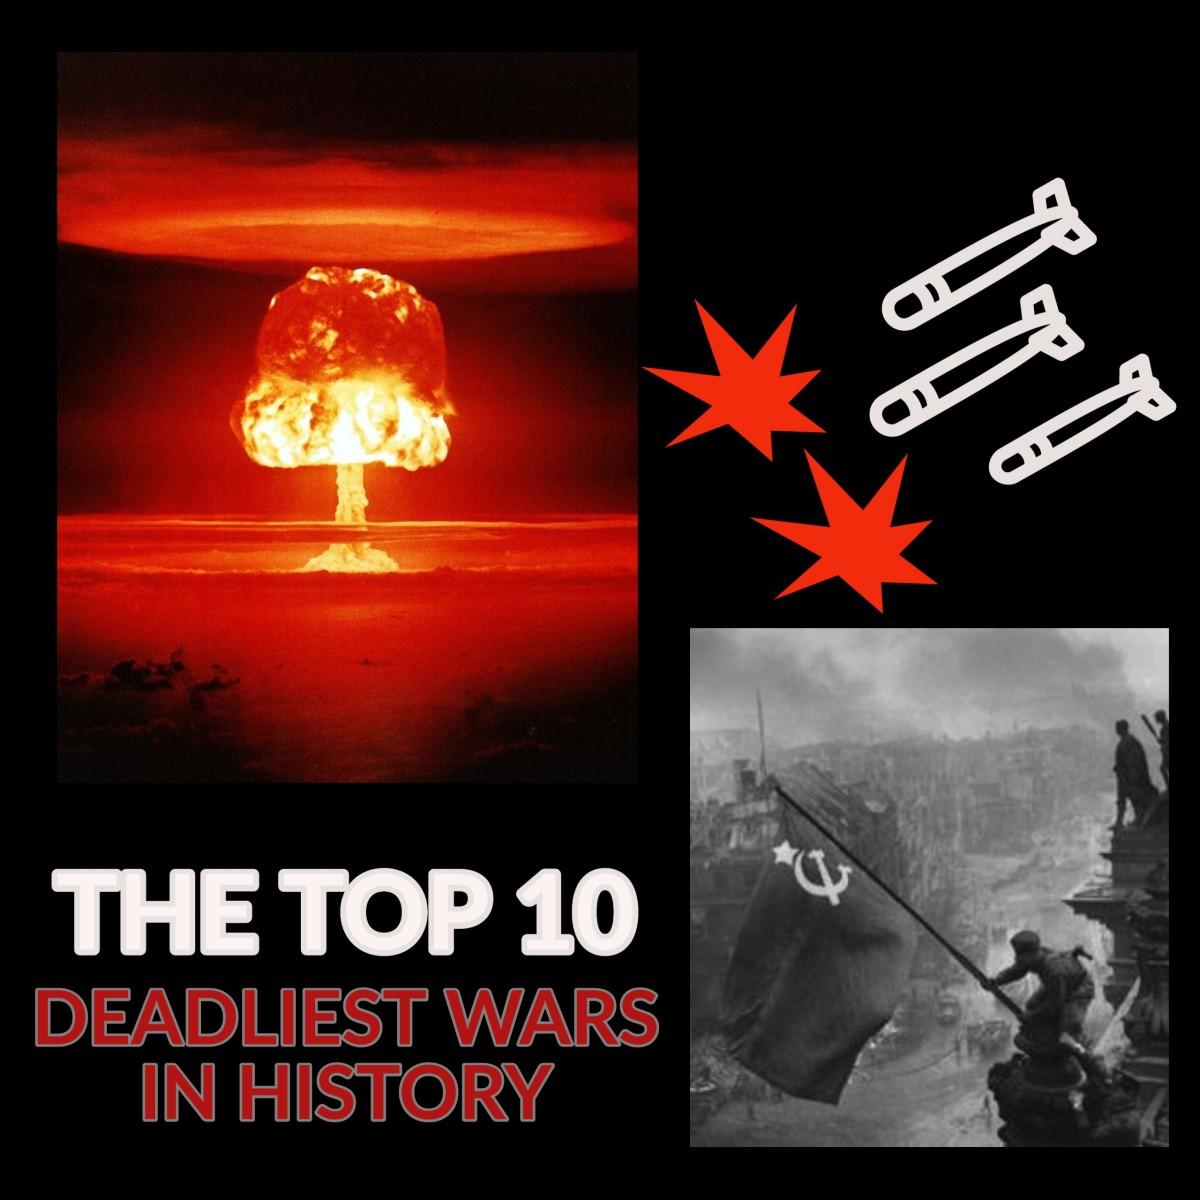 The Top 10 Deadliest Wars in History